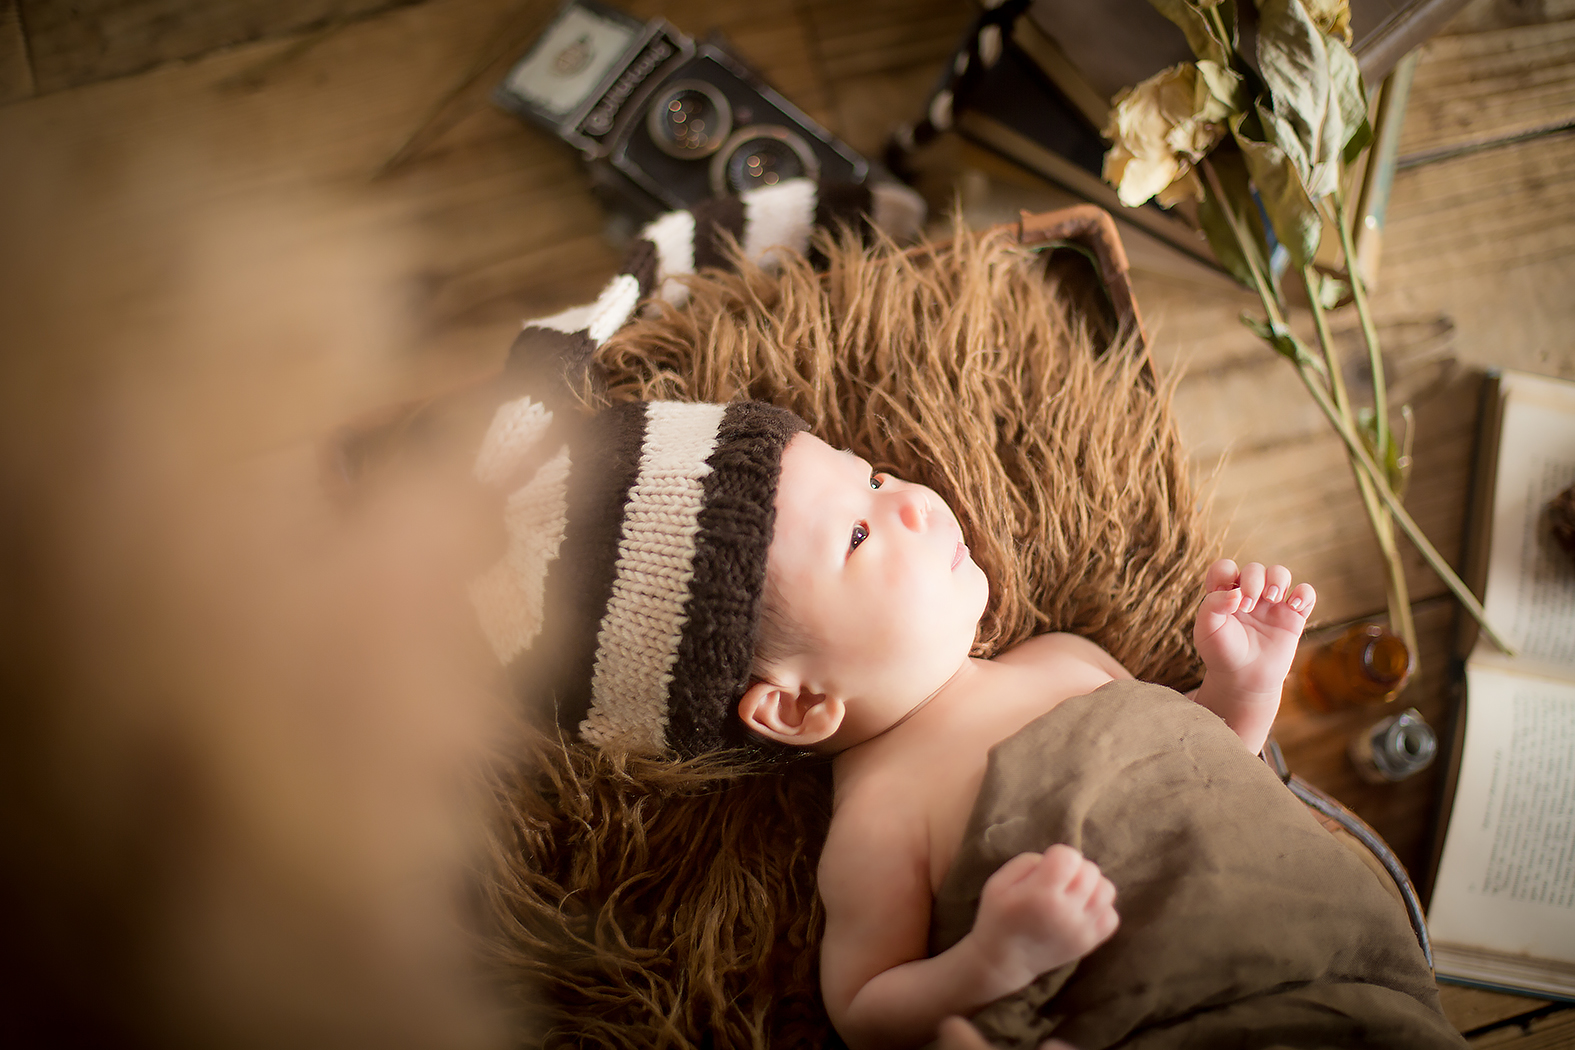 ニューボーン, 新生児,赤ちゃん